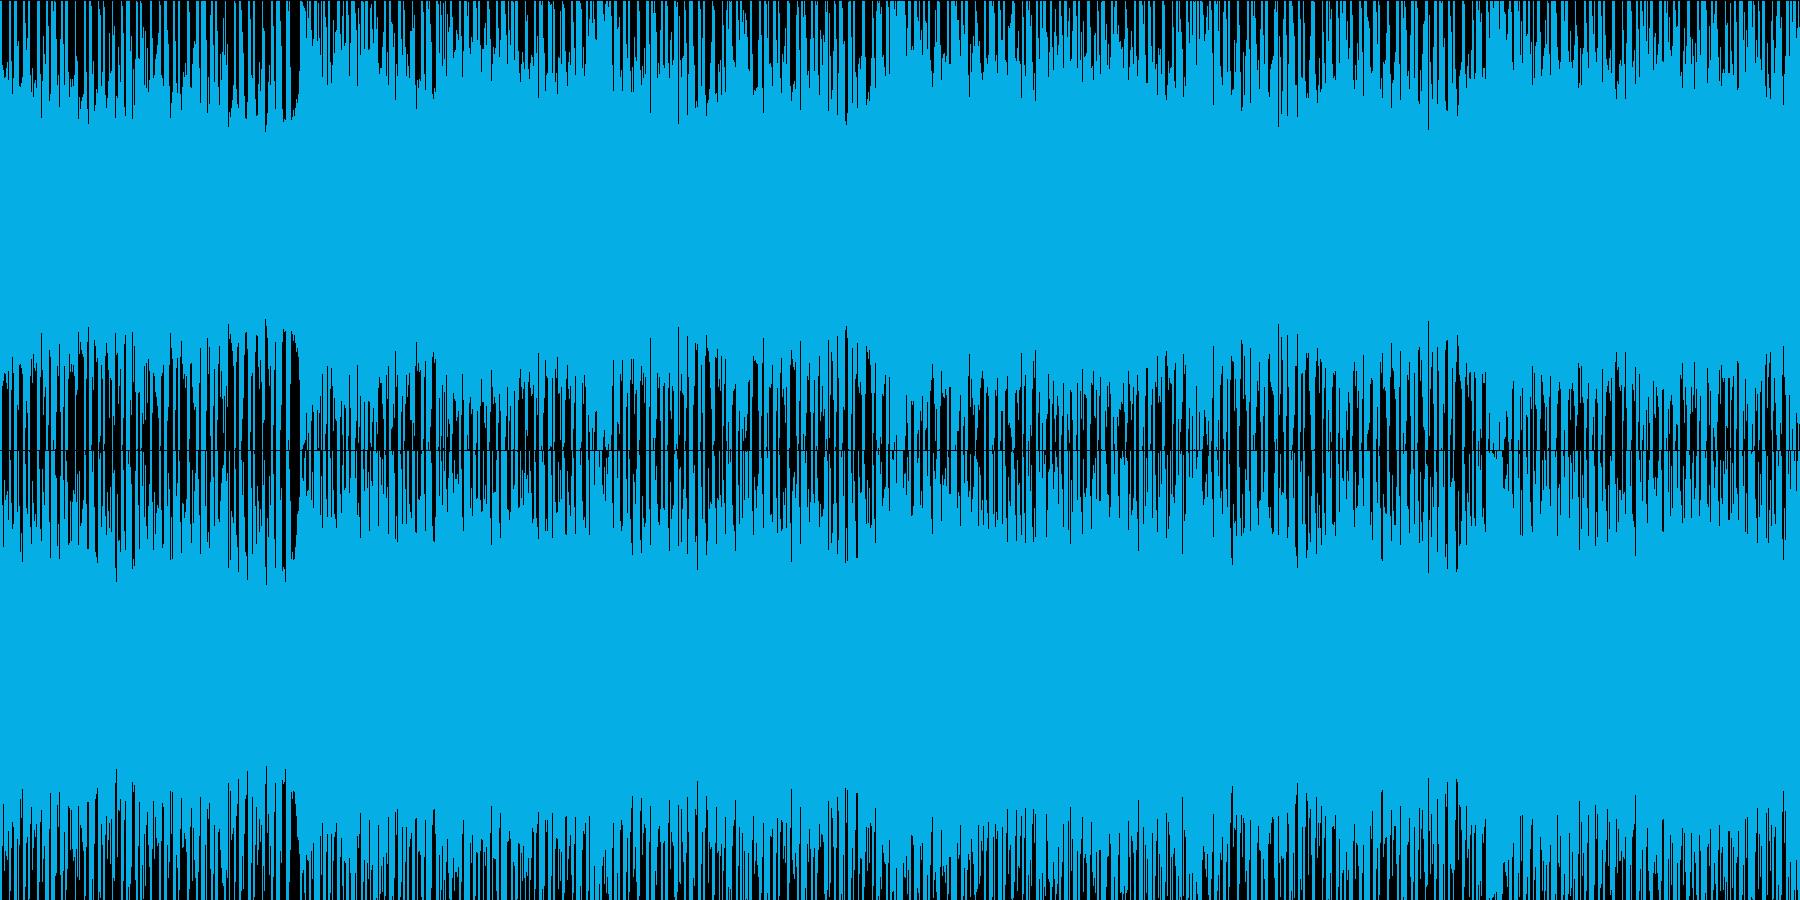 ノスタルジックなチルウェーヴ風BGMの再生済みの波形